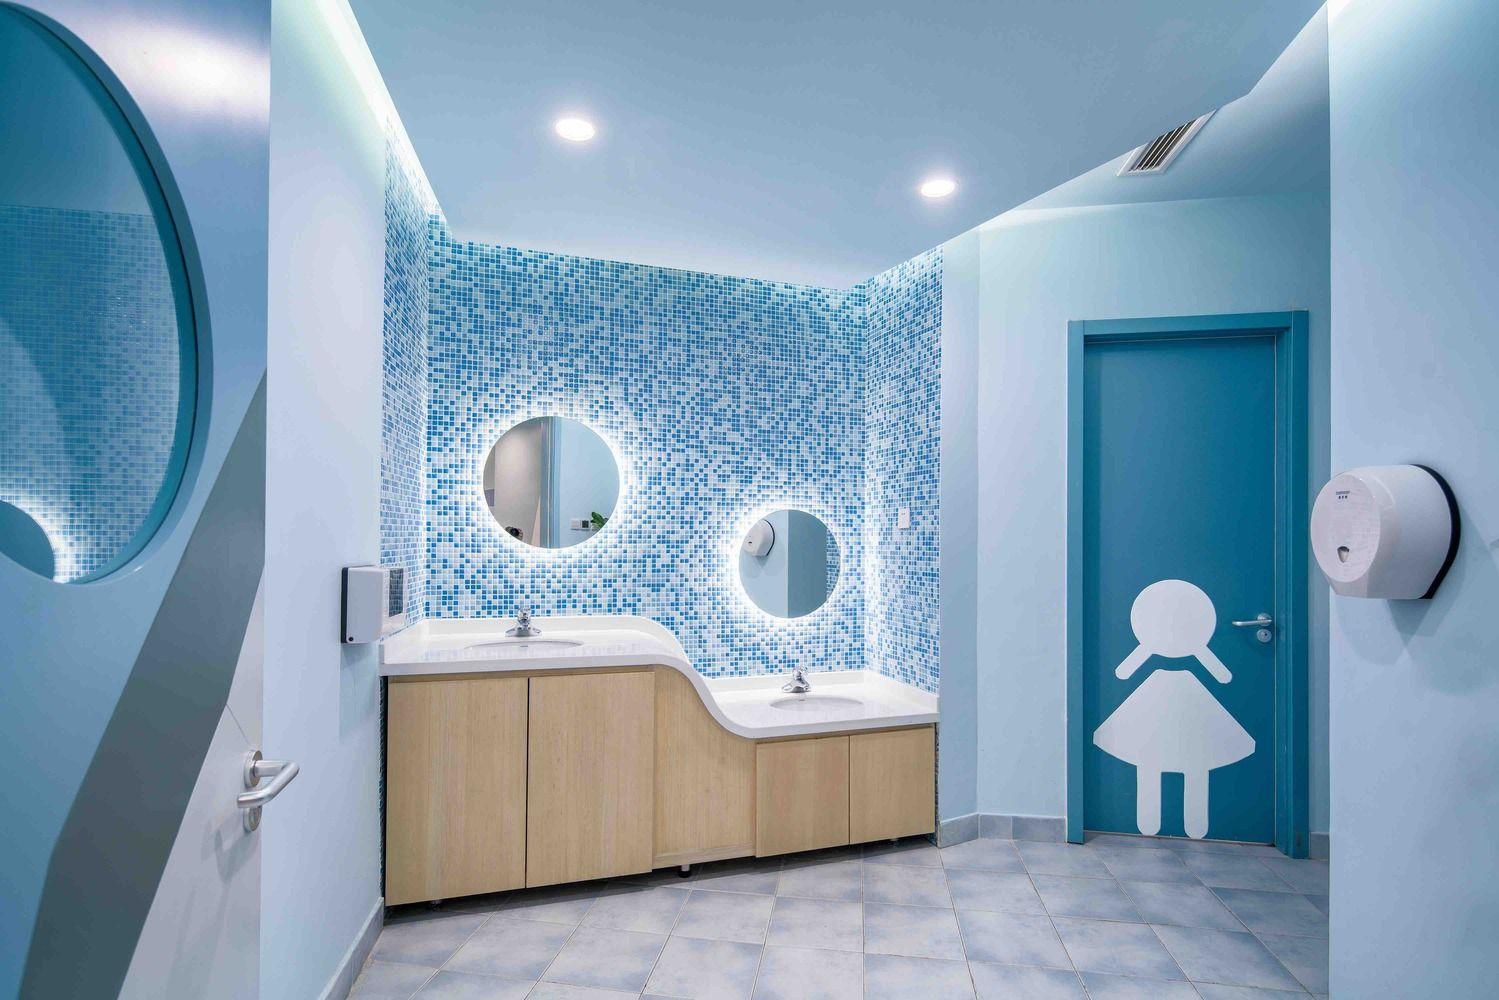 Gallery Of Vanke Early Learning Center Dot Architects 2 Restroom Design Daycare Design Hospital Interior Design Bathroom design for kids